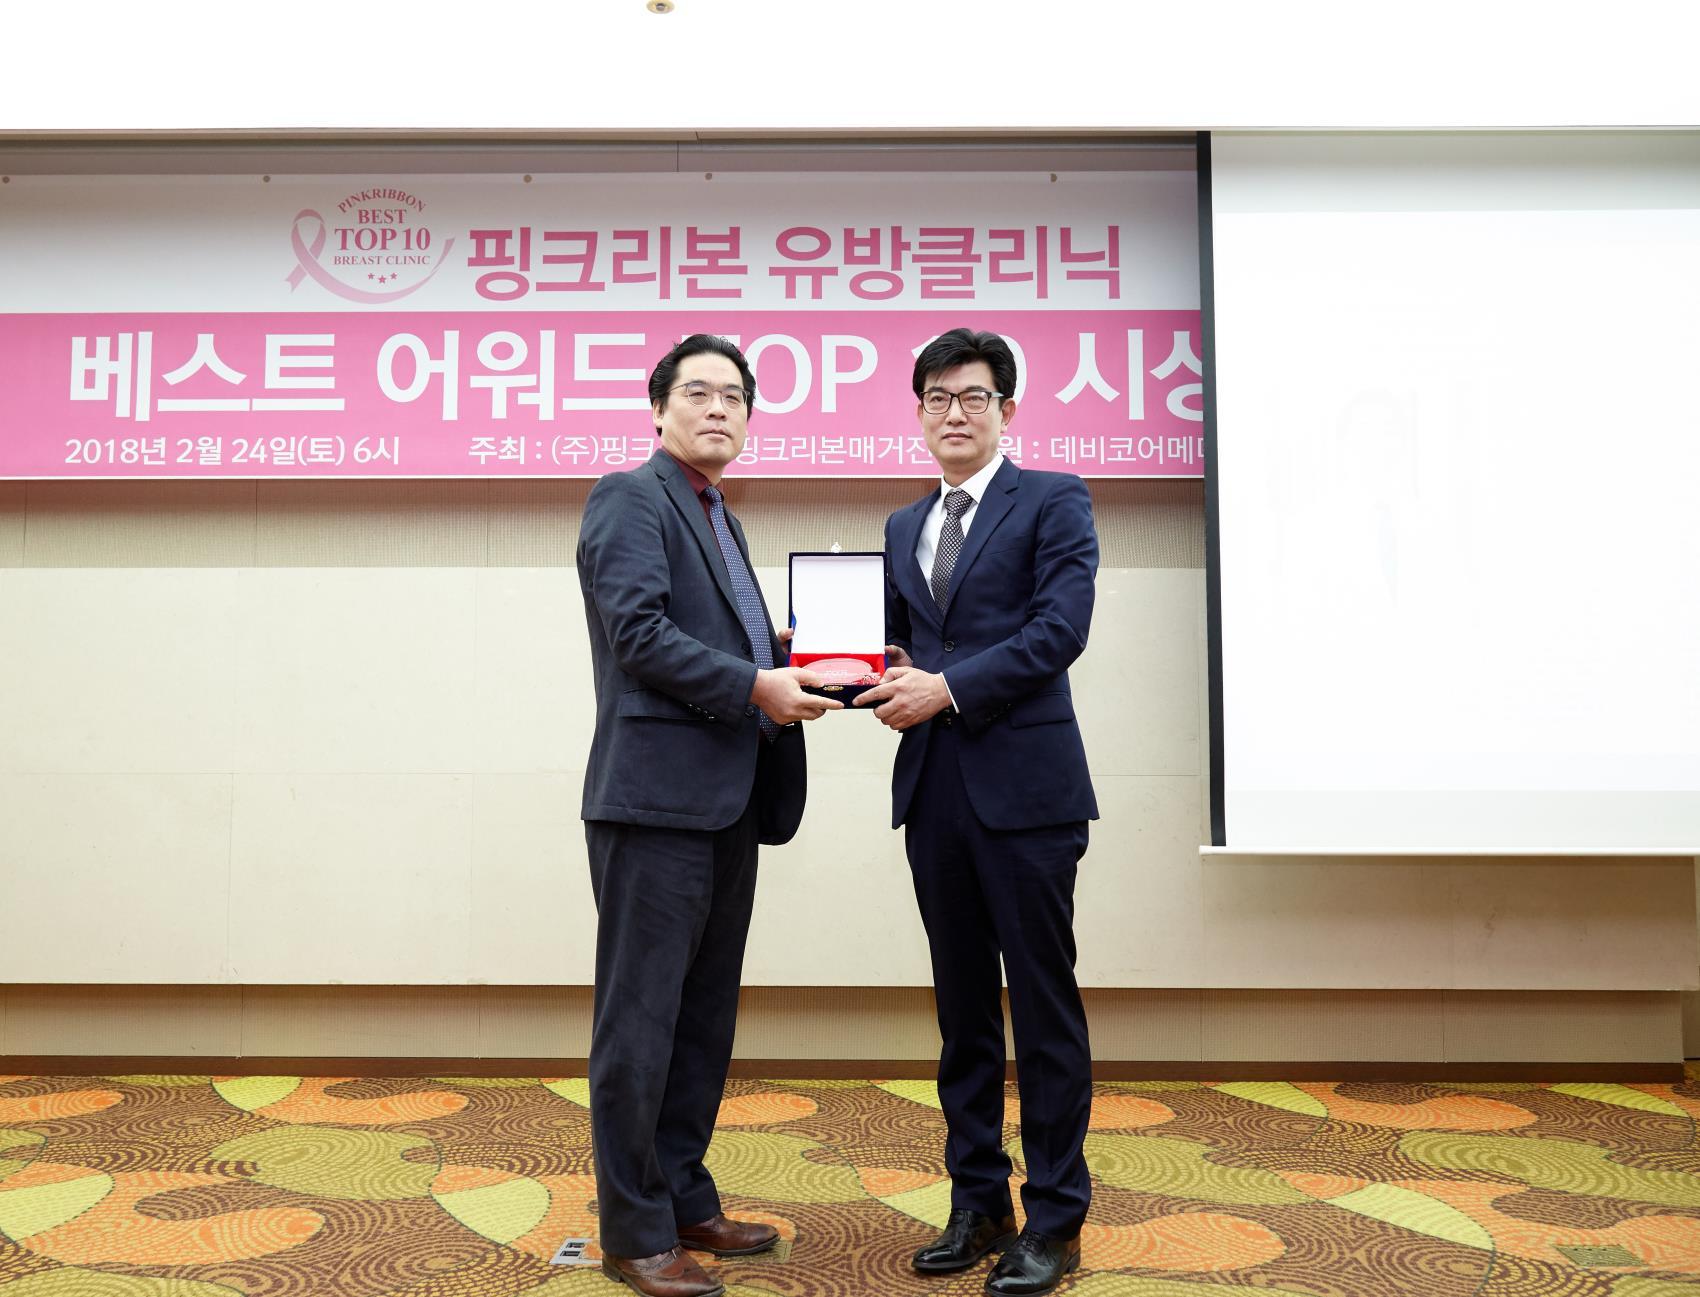 핑크리본 유방클리닉 어워드 '유방클리닉 TOP 10' 수상